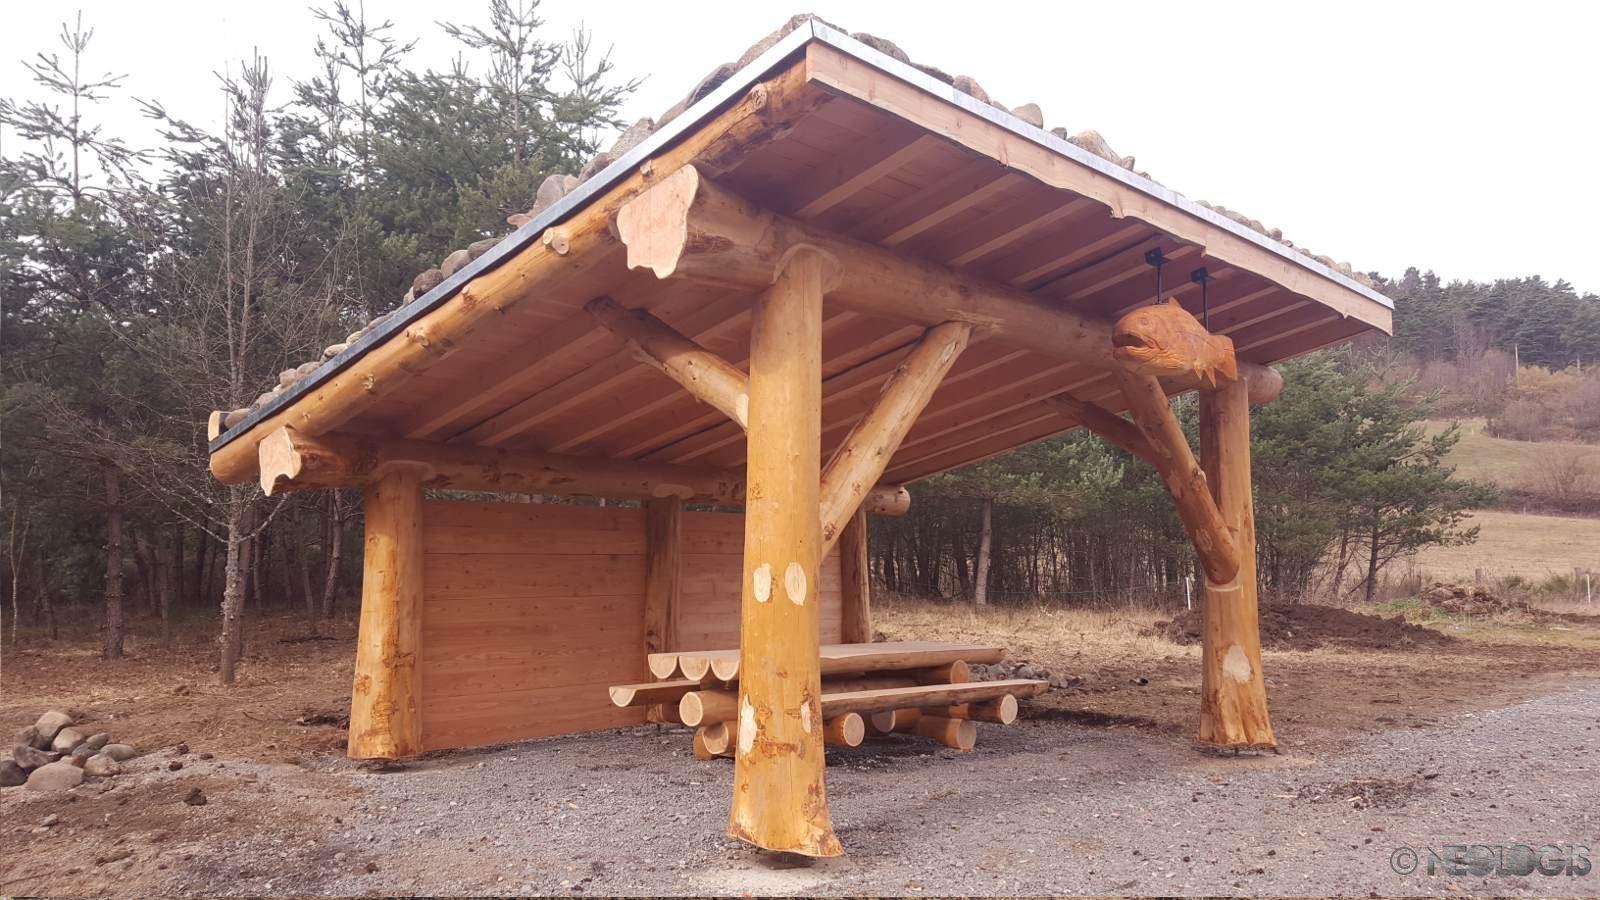 Abris en poteau poutre pour la f d ration de p che n ologis for Maison rondin bois tarif